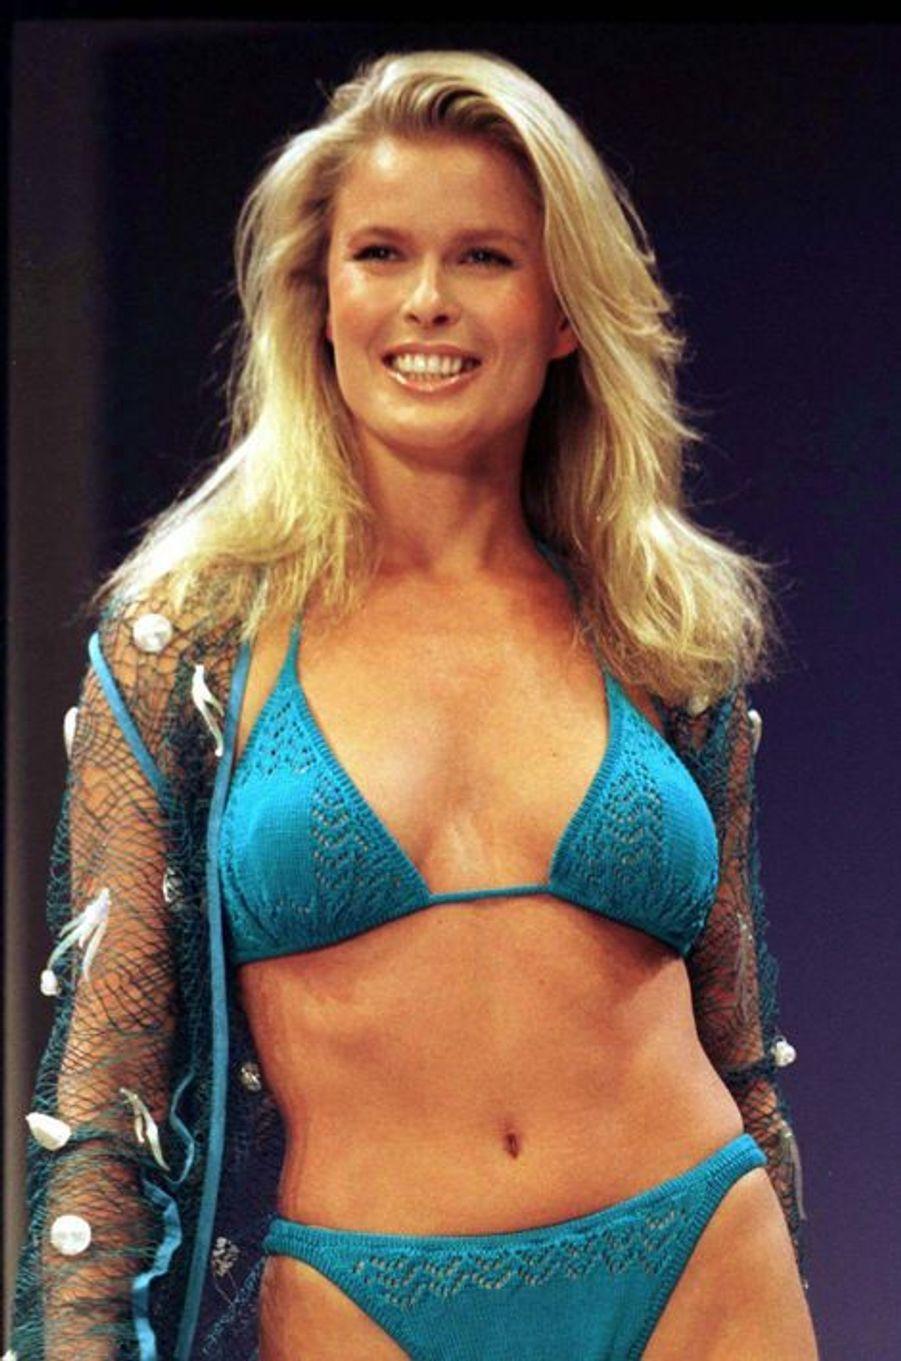 Le défilé de la marque Victoria's Secret en 1997 à New York (Vendela).